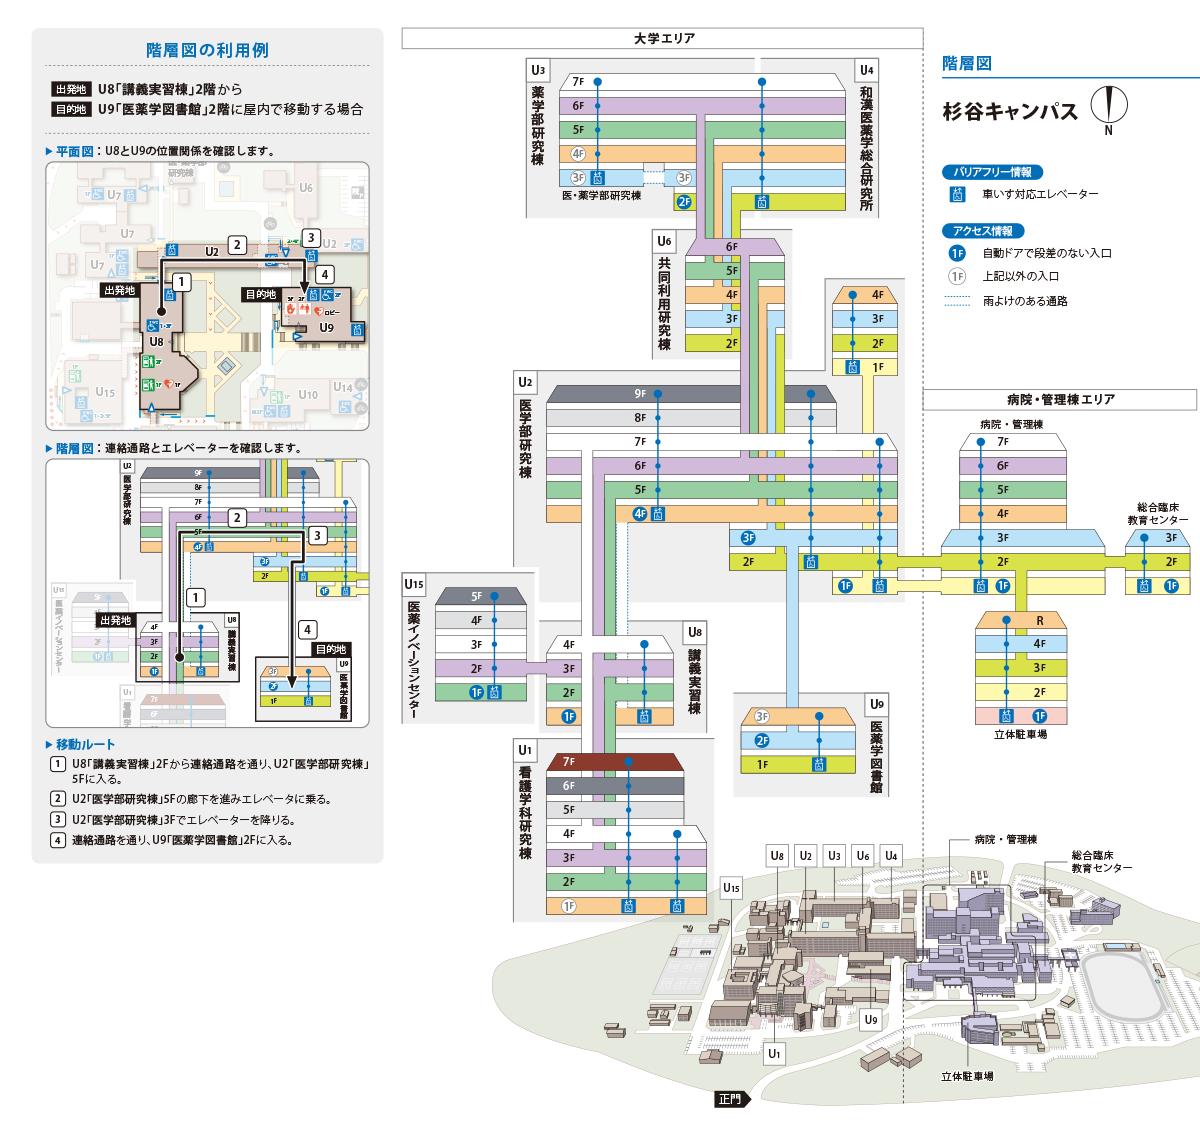 杉谷キャンパス階層図 アクセシビリティ・マップ